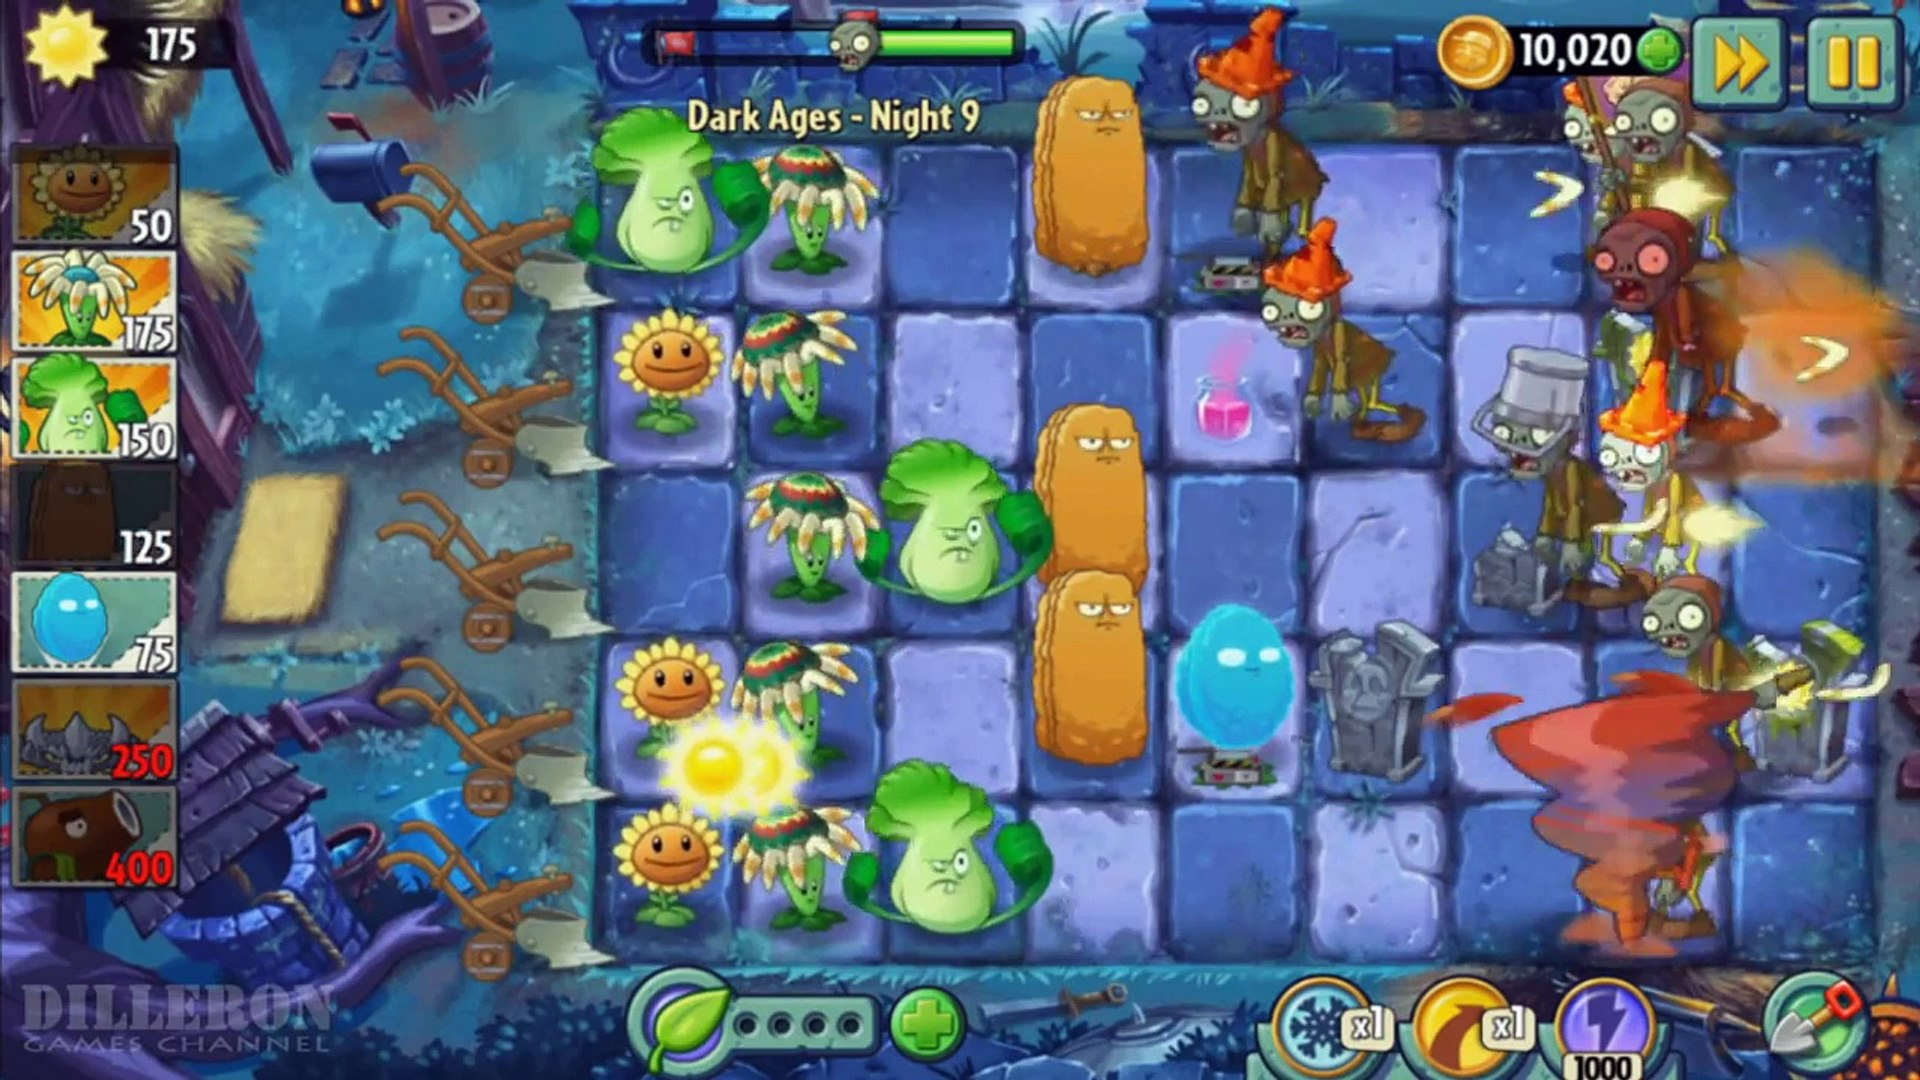 ч.122 Plants vs. Zombies 2 - Dark Ages - Day 9